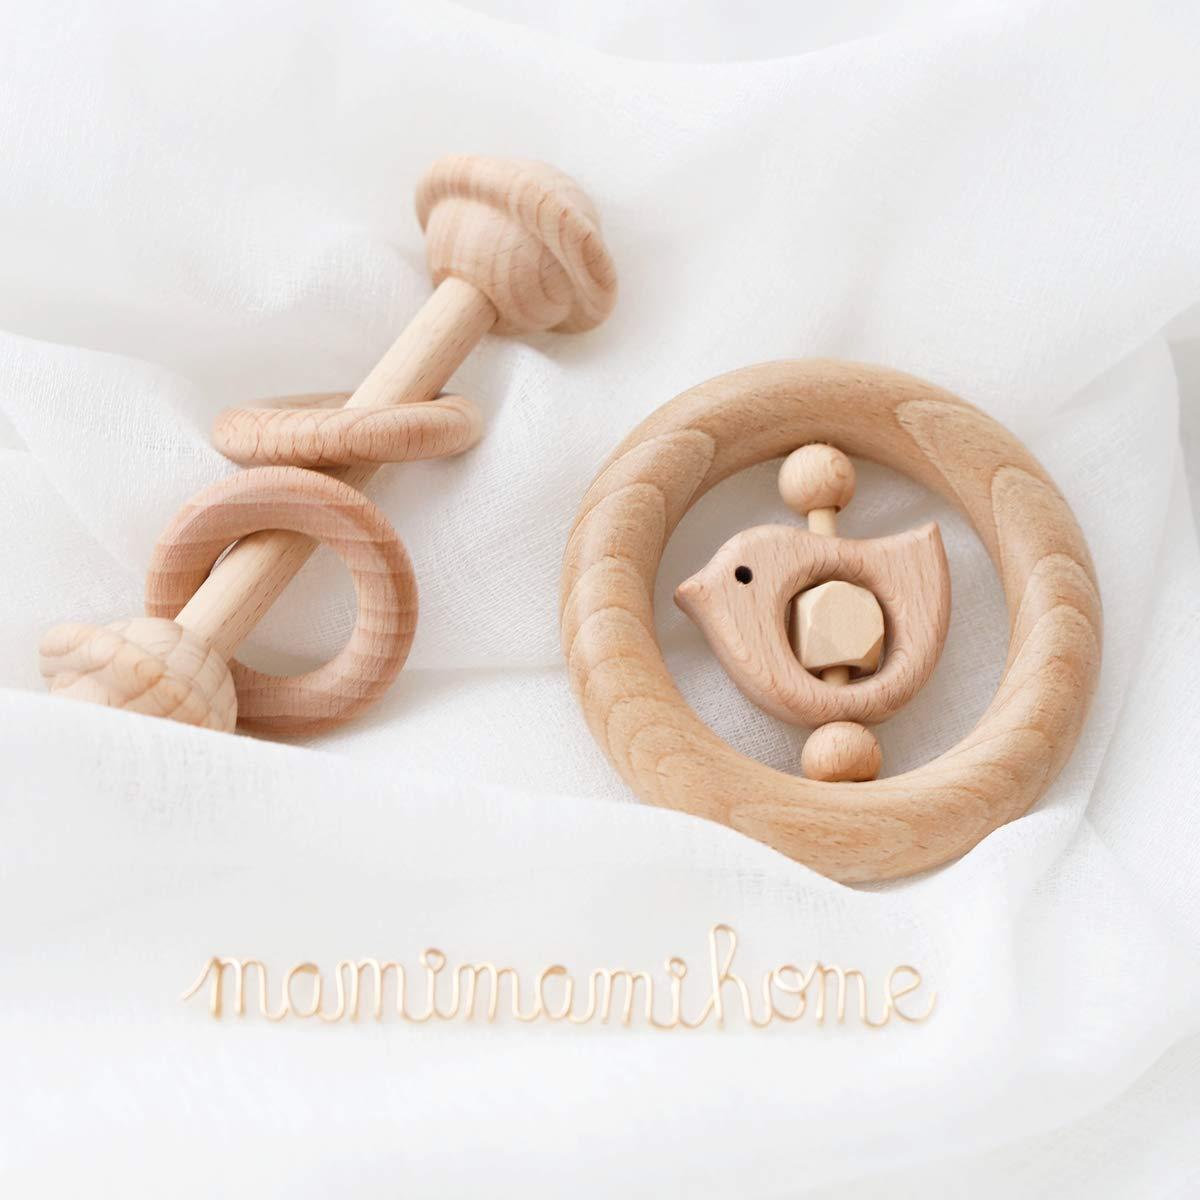 Mamimami Home 5PC Baby Holz Bei/ßring Spielzeug Buchenholz Tier Elefant Vogel Ringe Sensorische Aktivit/ät Neugeborenen Kinderkrankheiten Rassel Spielhalle Rassel Baby Gym Montessori Spielzeug